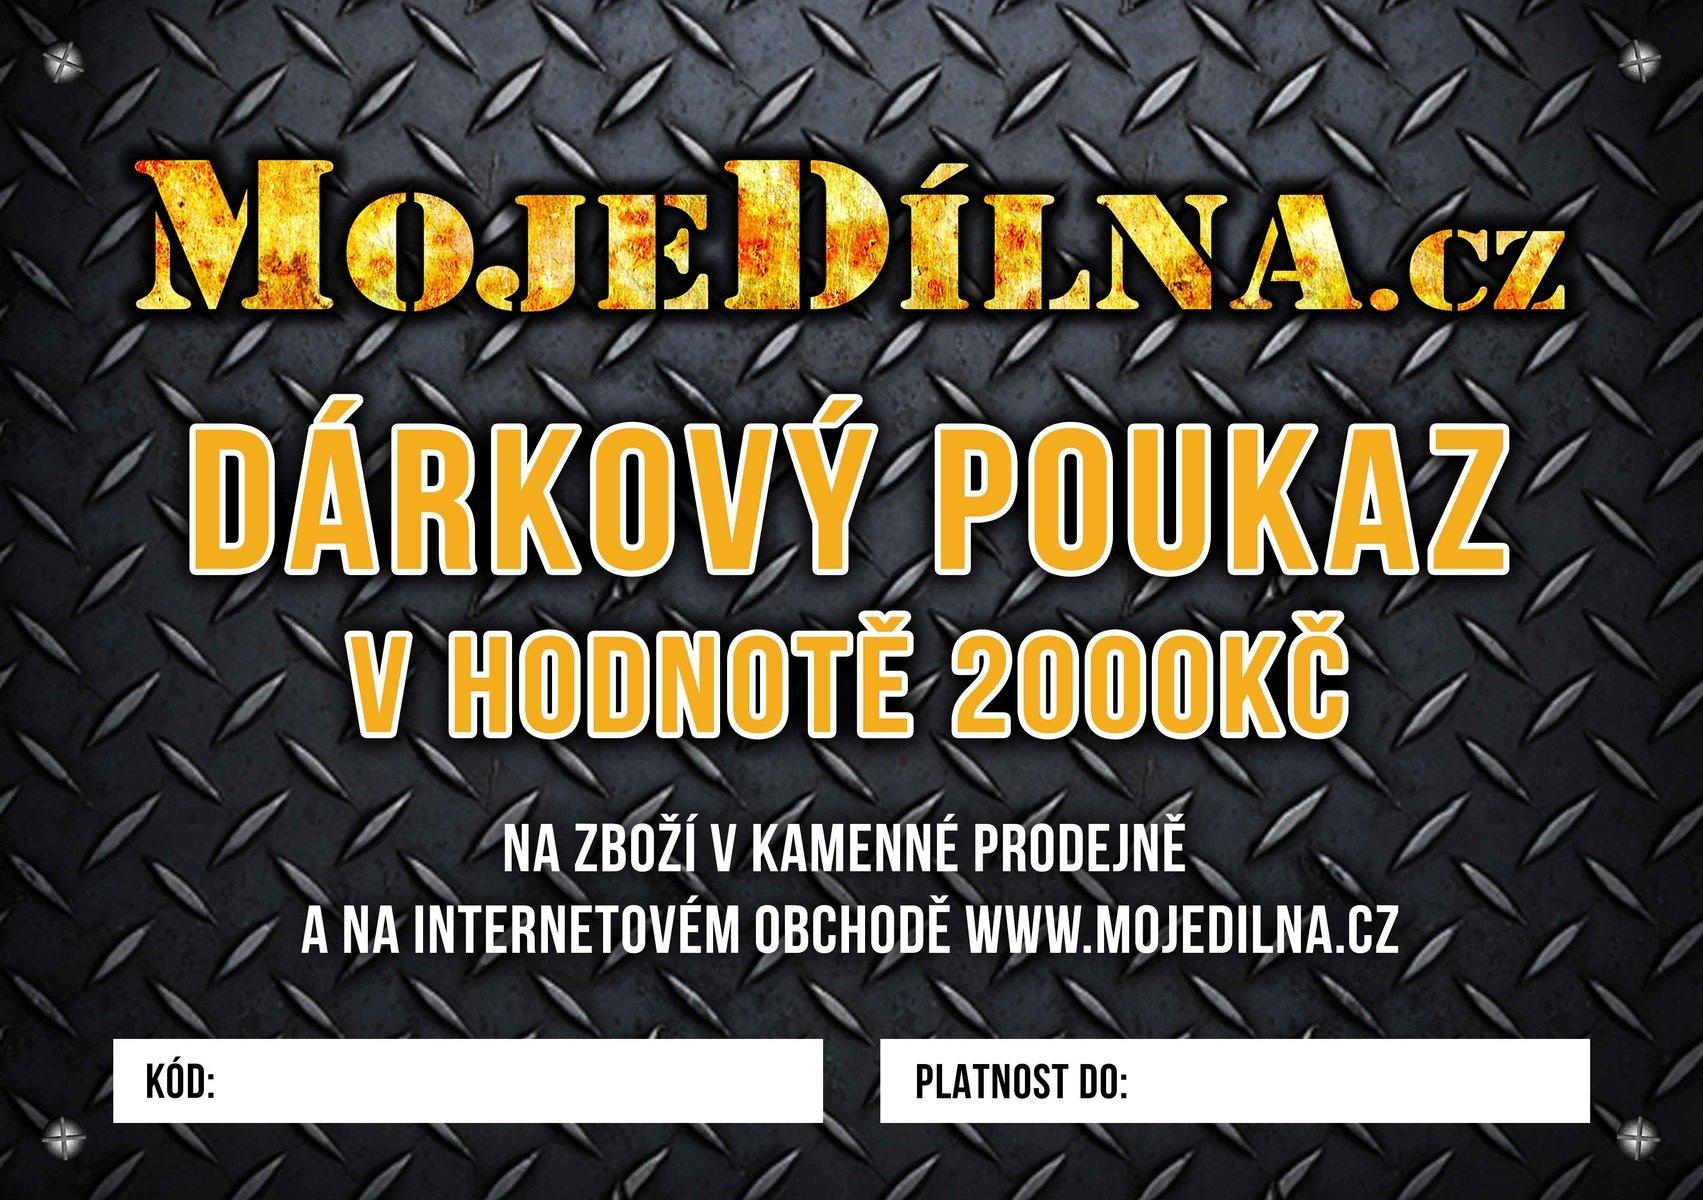 Dárkový poukaz MojeDílna.cz v hodnotě 2000 Kč - online, platba předem